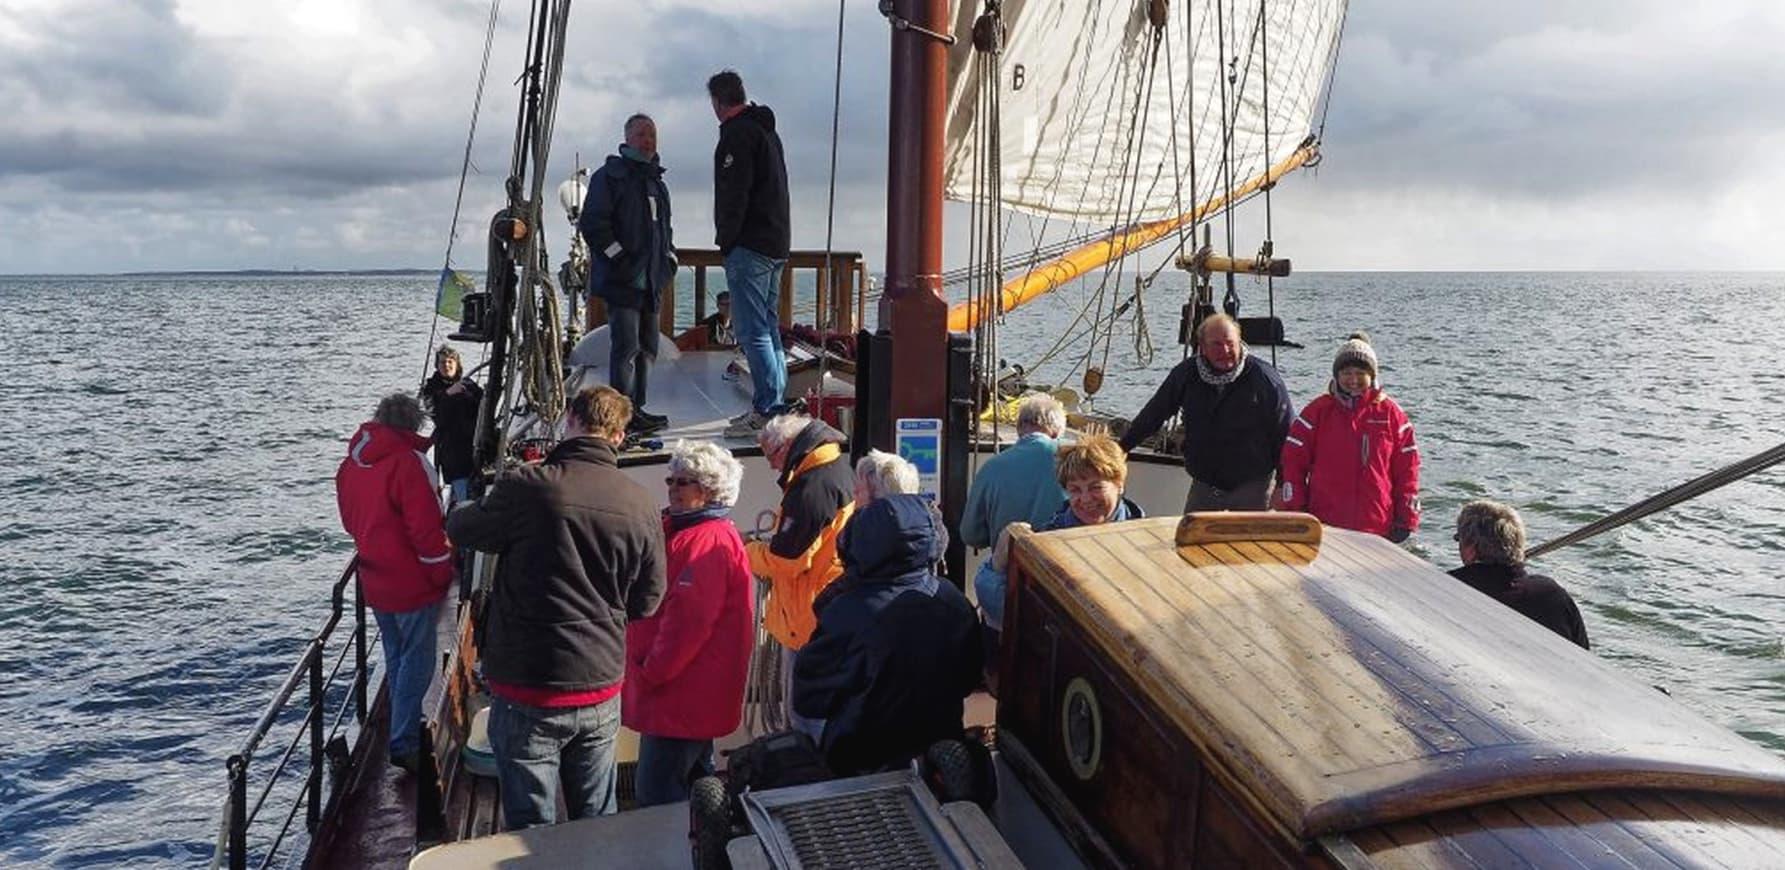 Teambuilding activiteiten op zeilschip